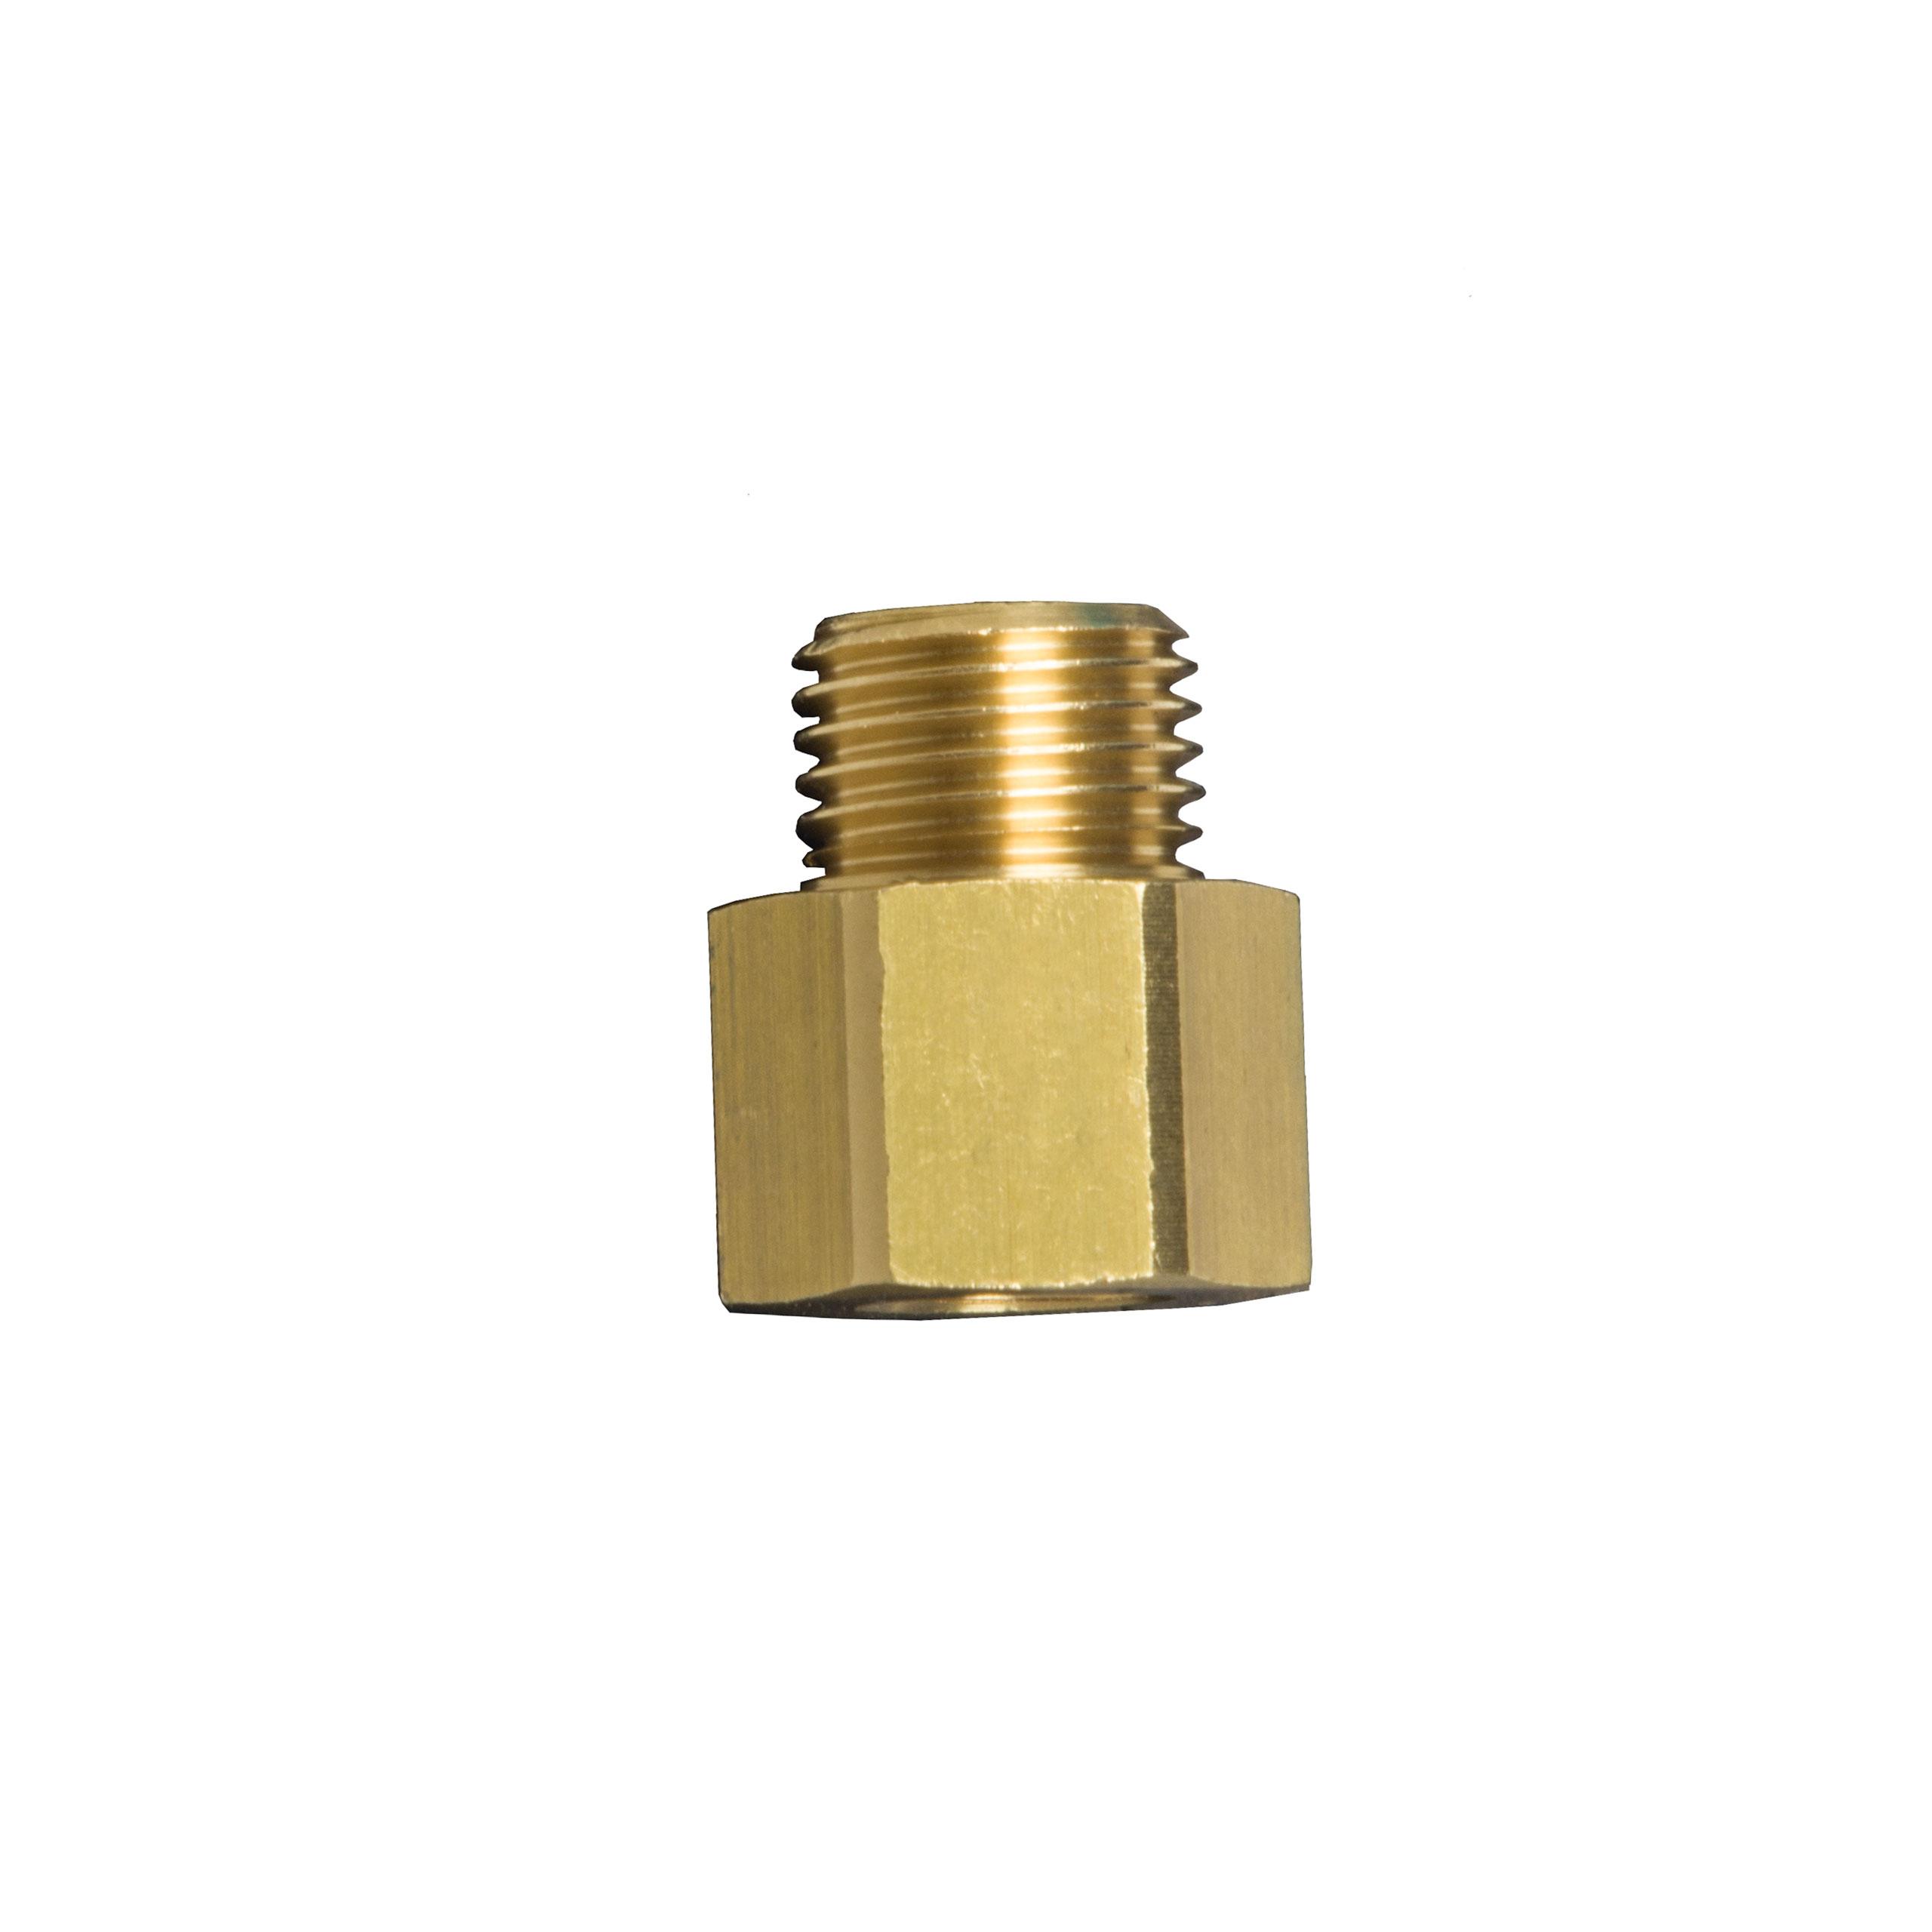 Adapter G1/8 Zoll Innengewinde / G1/4 Zoll Außengewinde